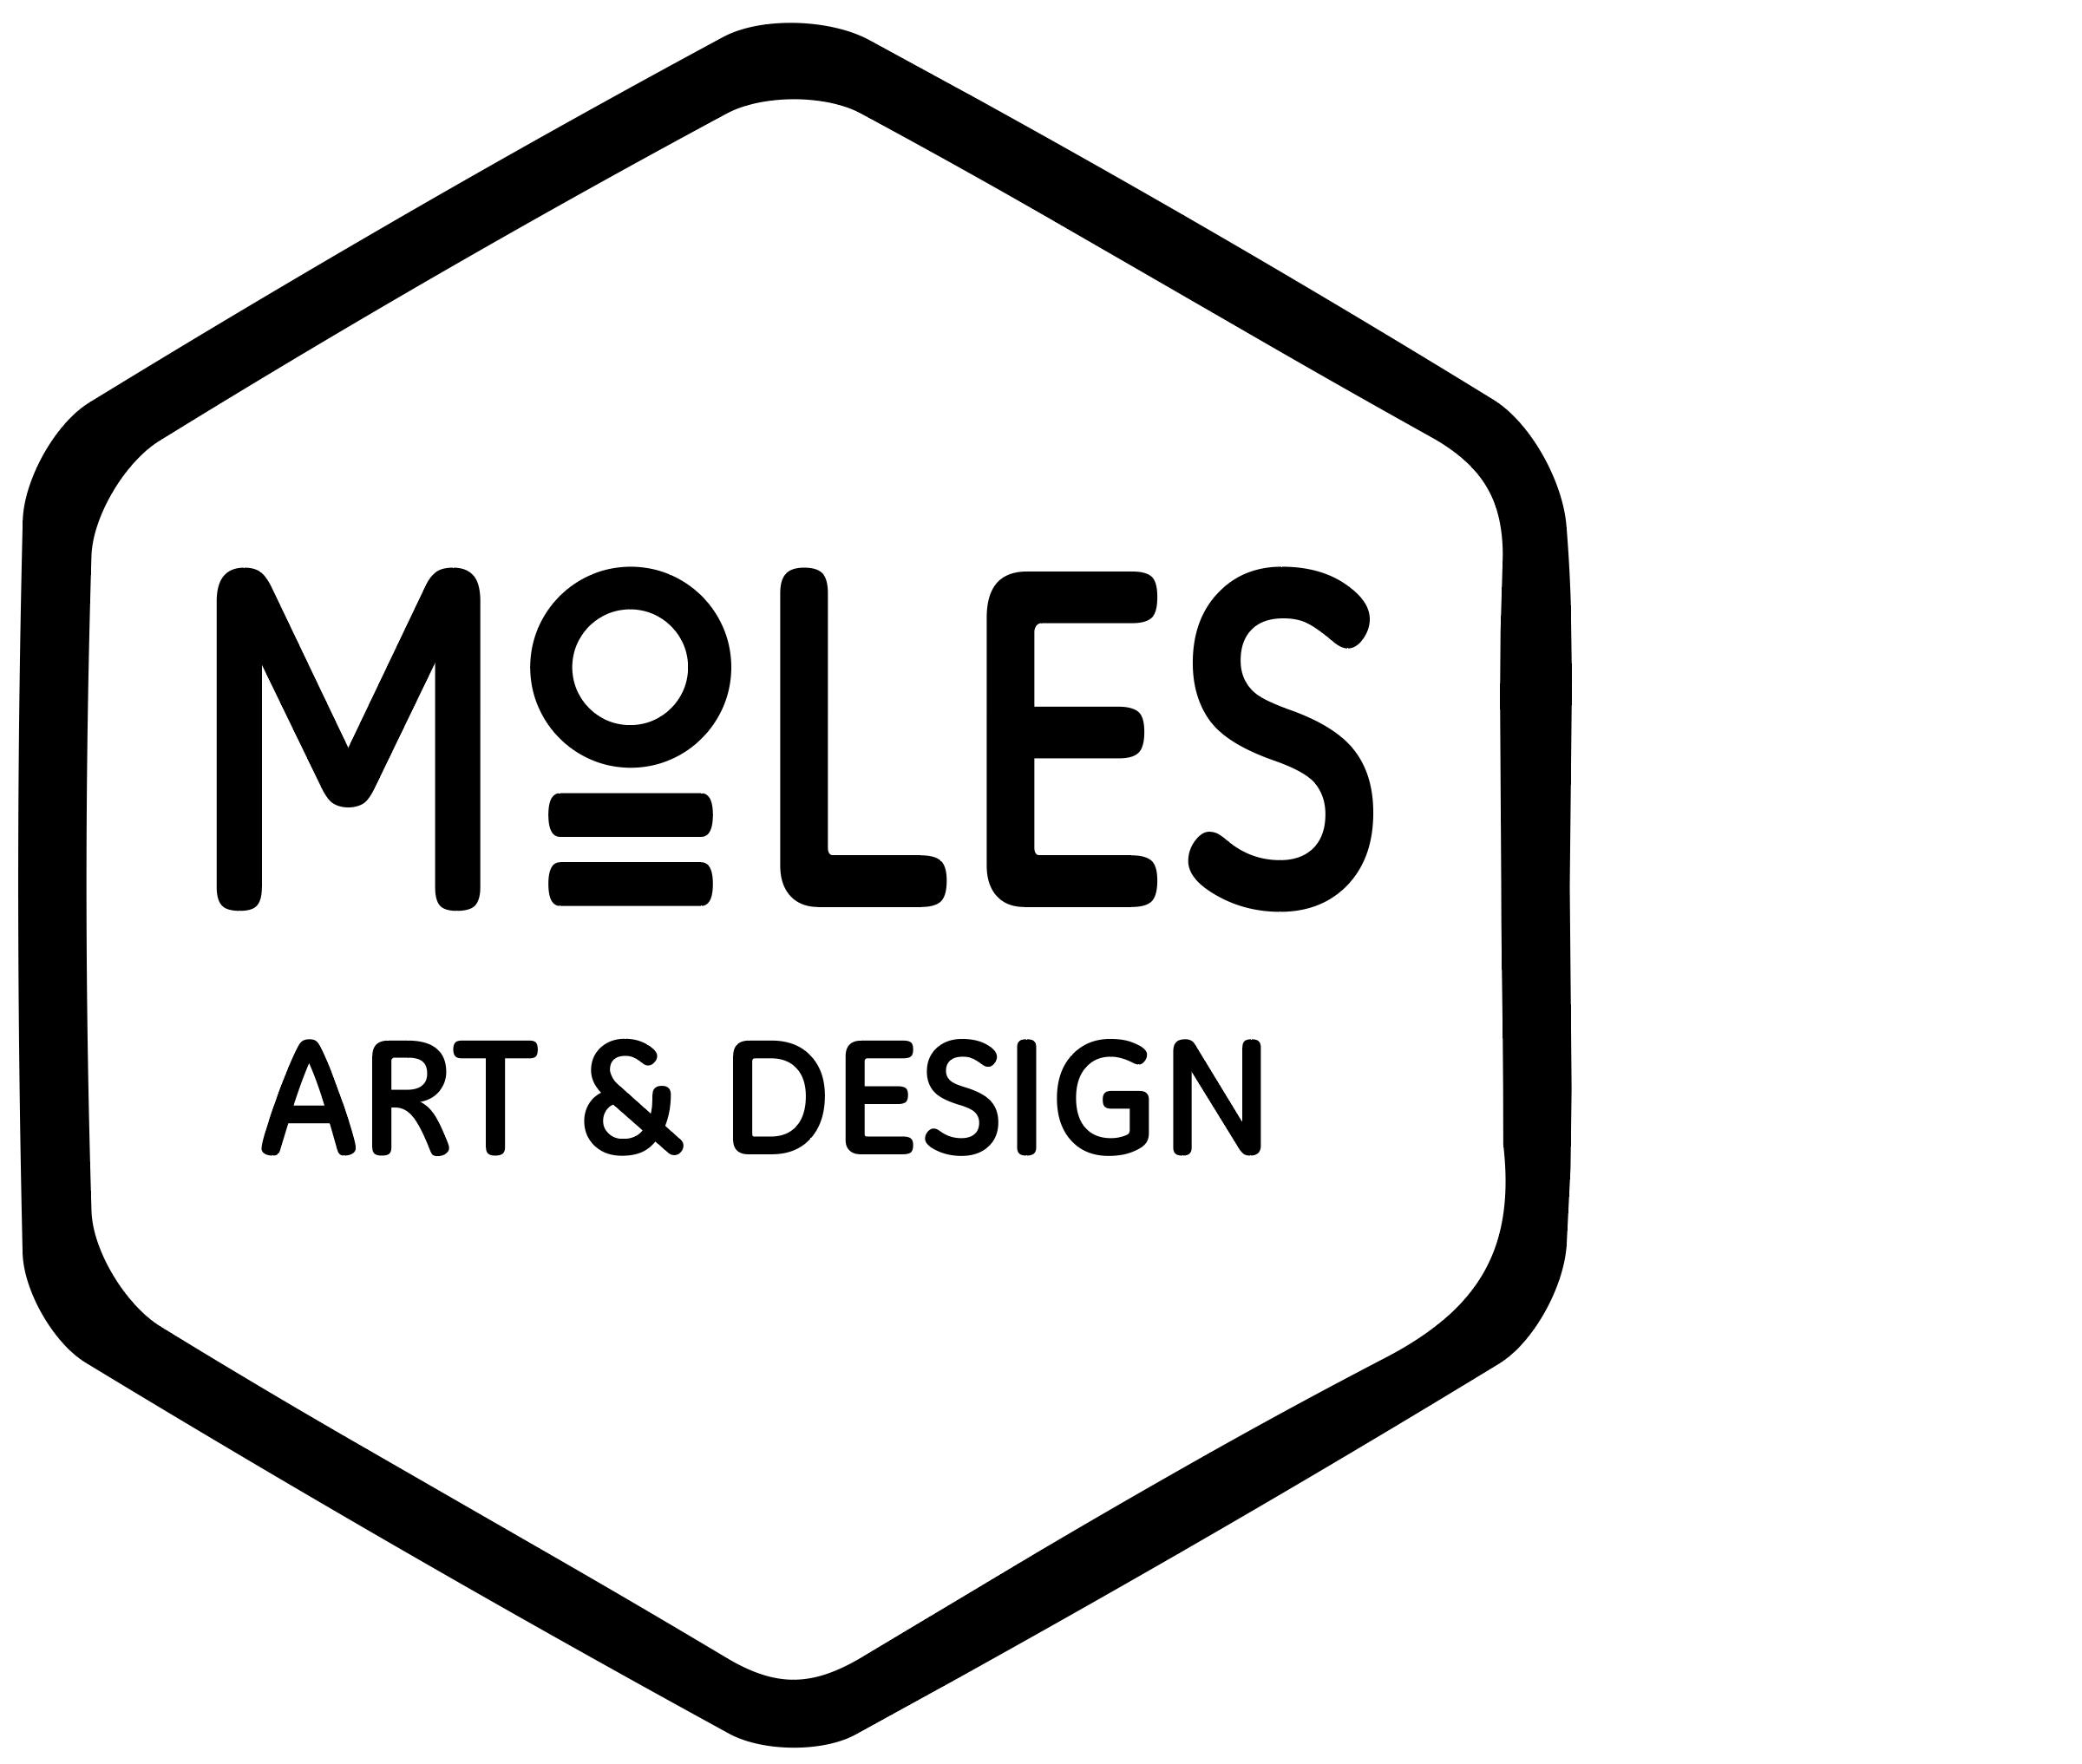 Pere Moles Sans